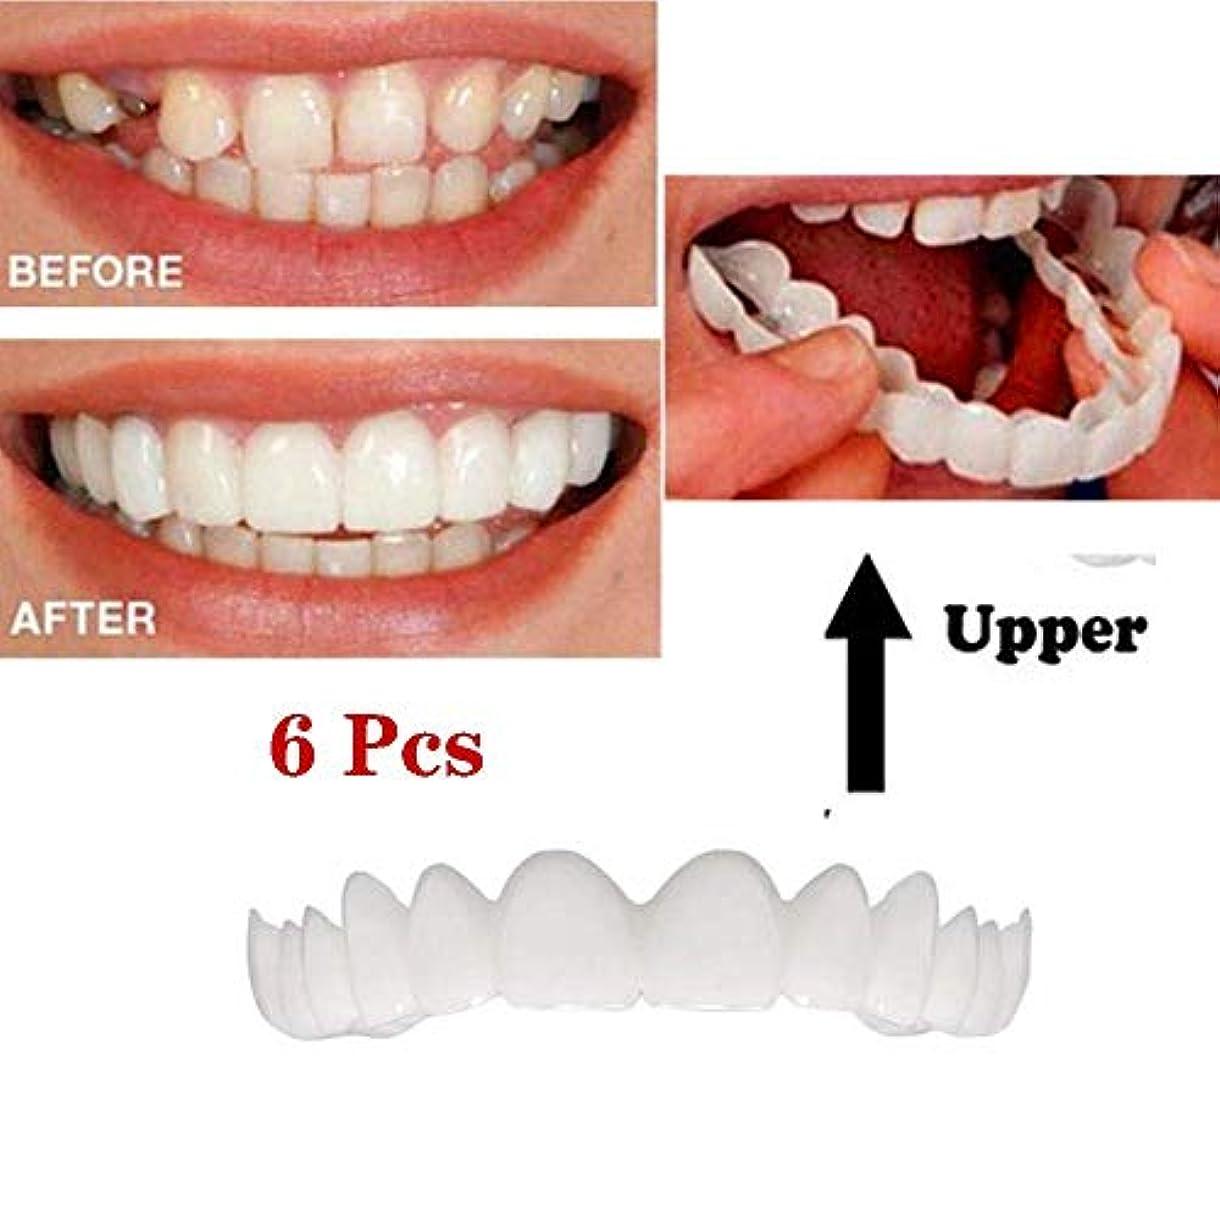 6個シリコーン偽の歯偽歯カバーホワイトニング義歯オーラルケア歯ホワイトニングデンタルオーラルケアアッパーブレース仮化粧品歯義歯